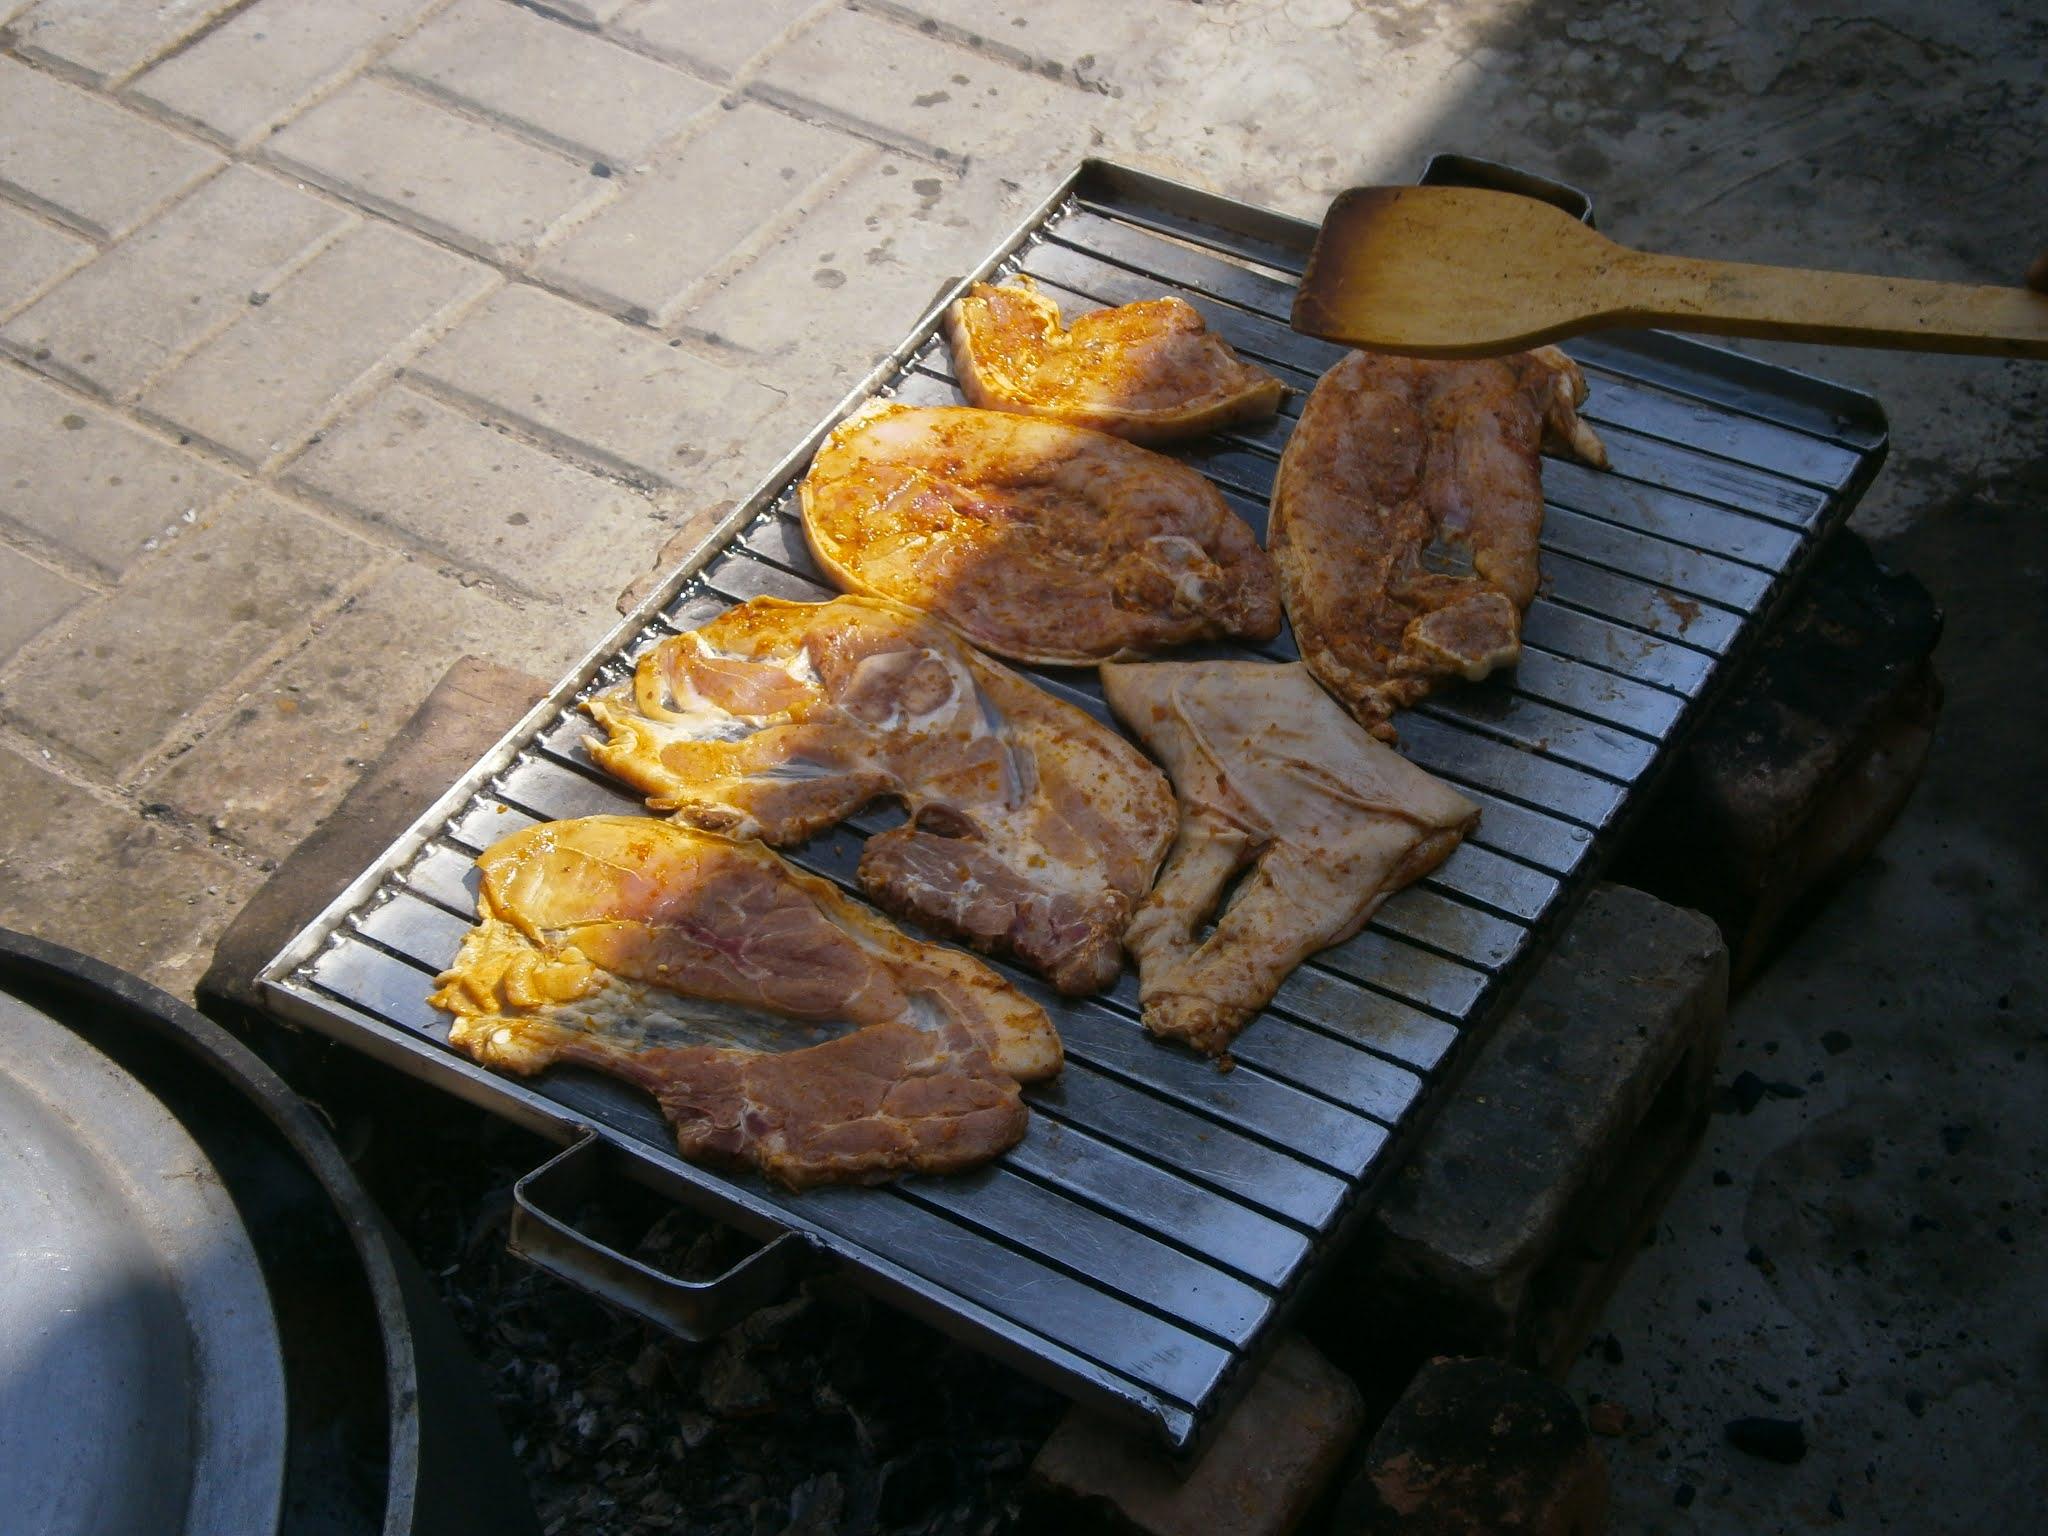 Descripción de la fotografía. Parrilla de chancho comida peruana hecha sobre parrilla y cocinada sobre brasas. Comida de la parrillada de chancho hecho sobre carbon y de sabor delicioso.